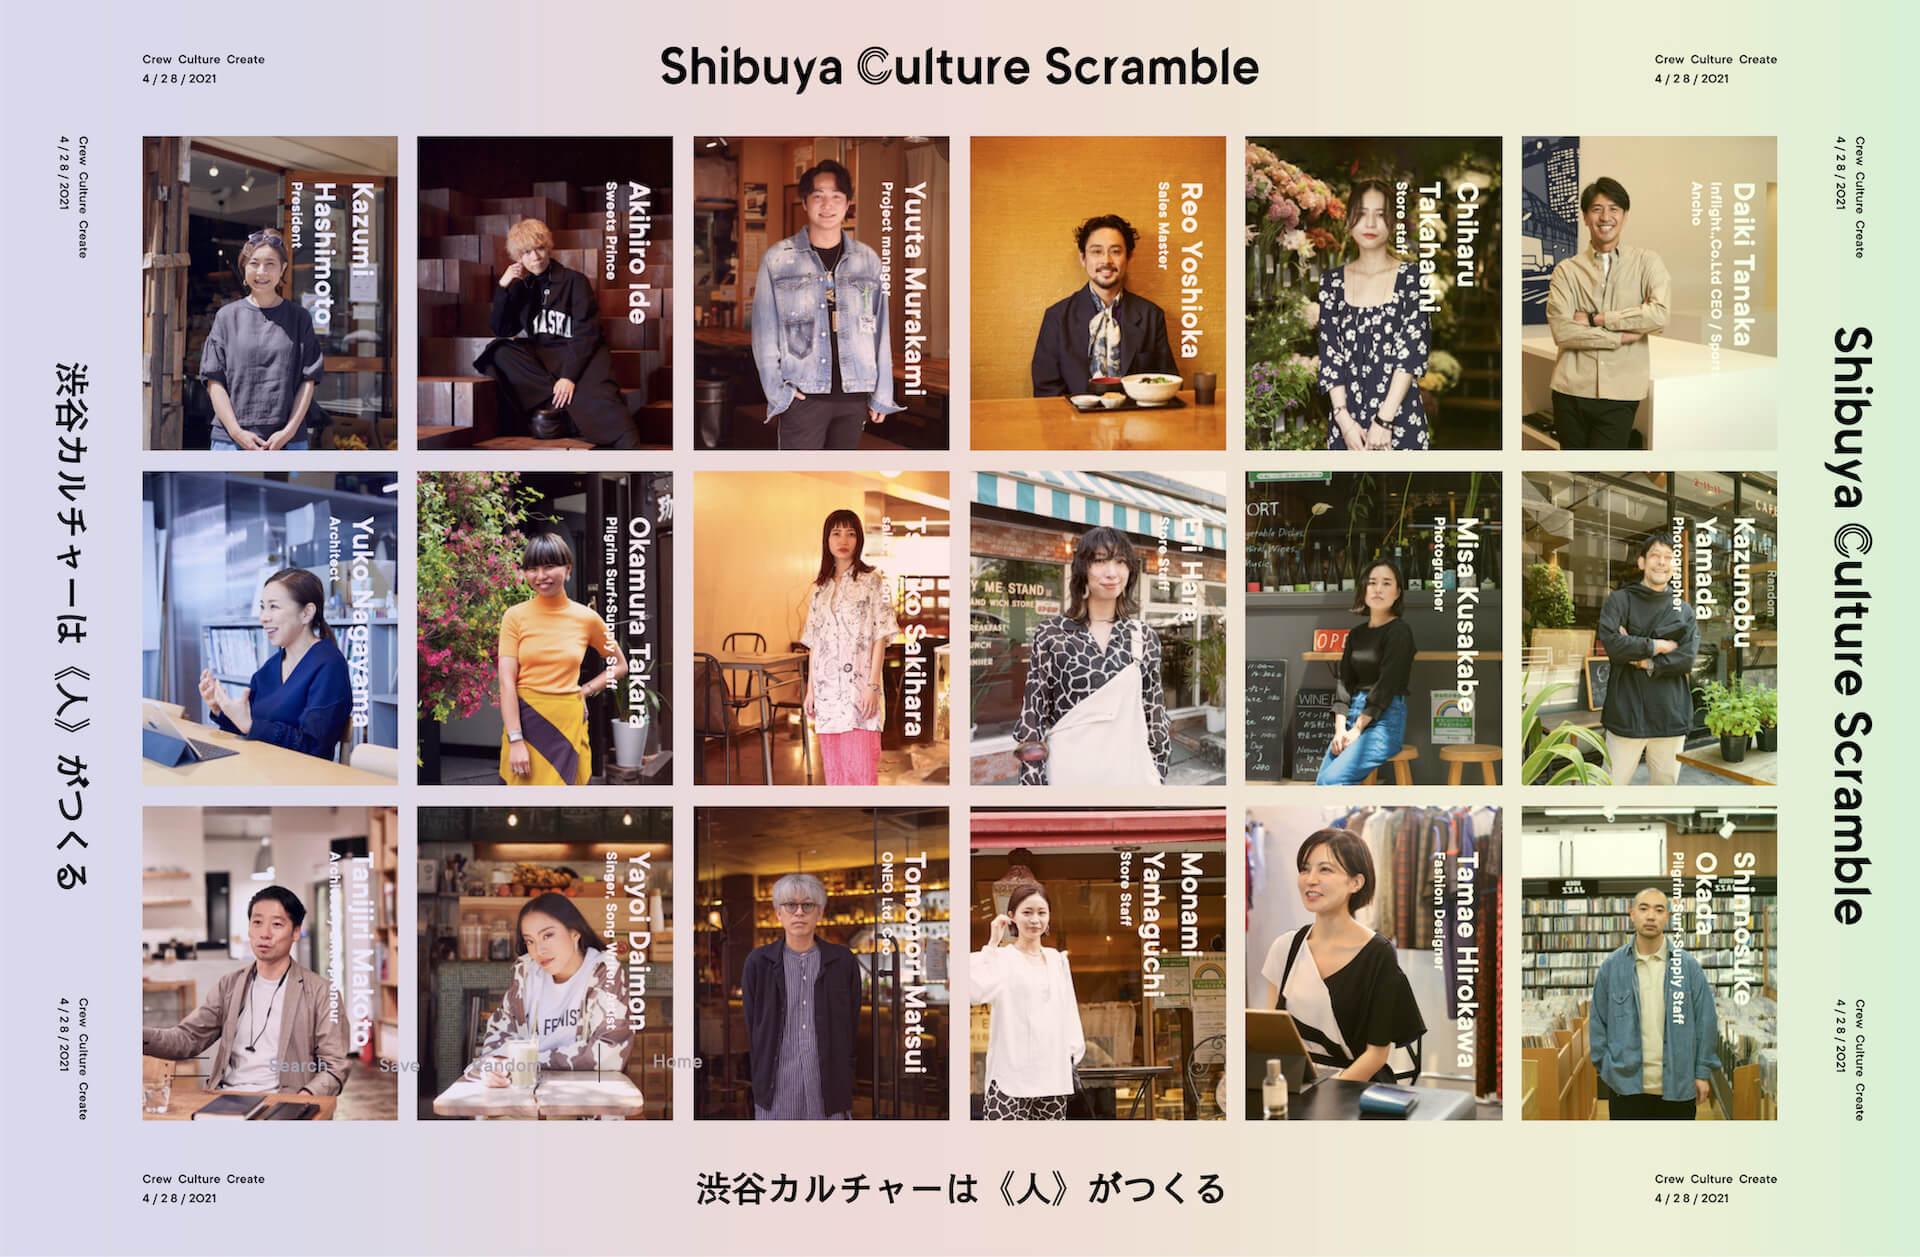 渋谷カルチャーは《人》がつくる!ウェブメディアプロジェクトShibuya Culture Scramble始動 culture210622_shibuyaculturescramble1